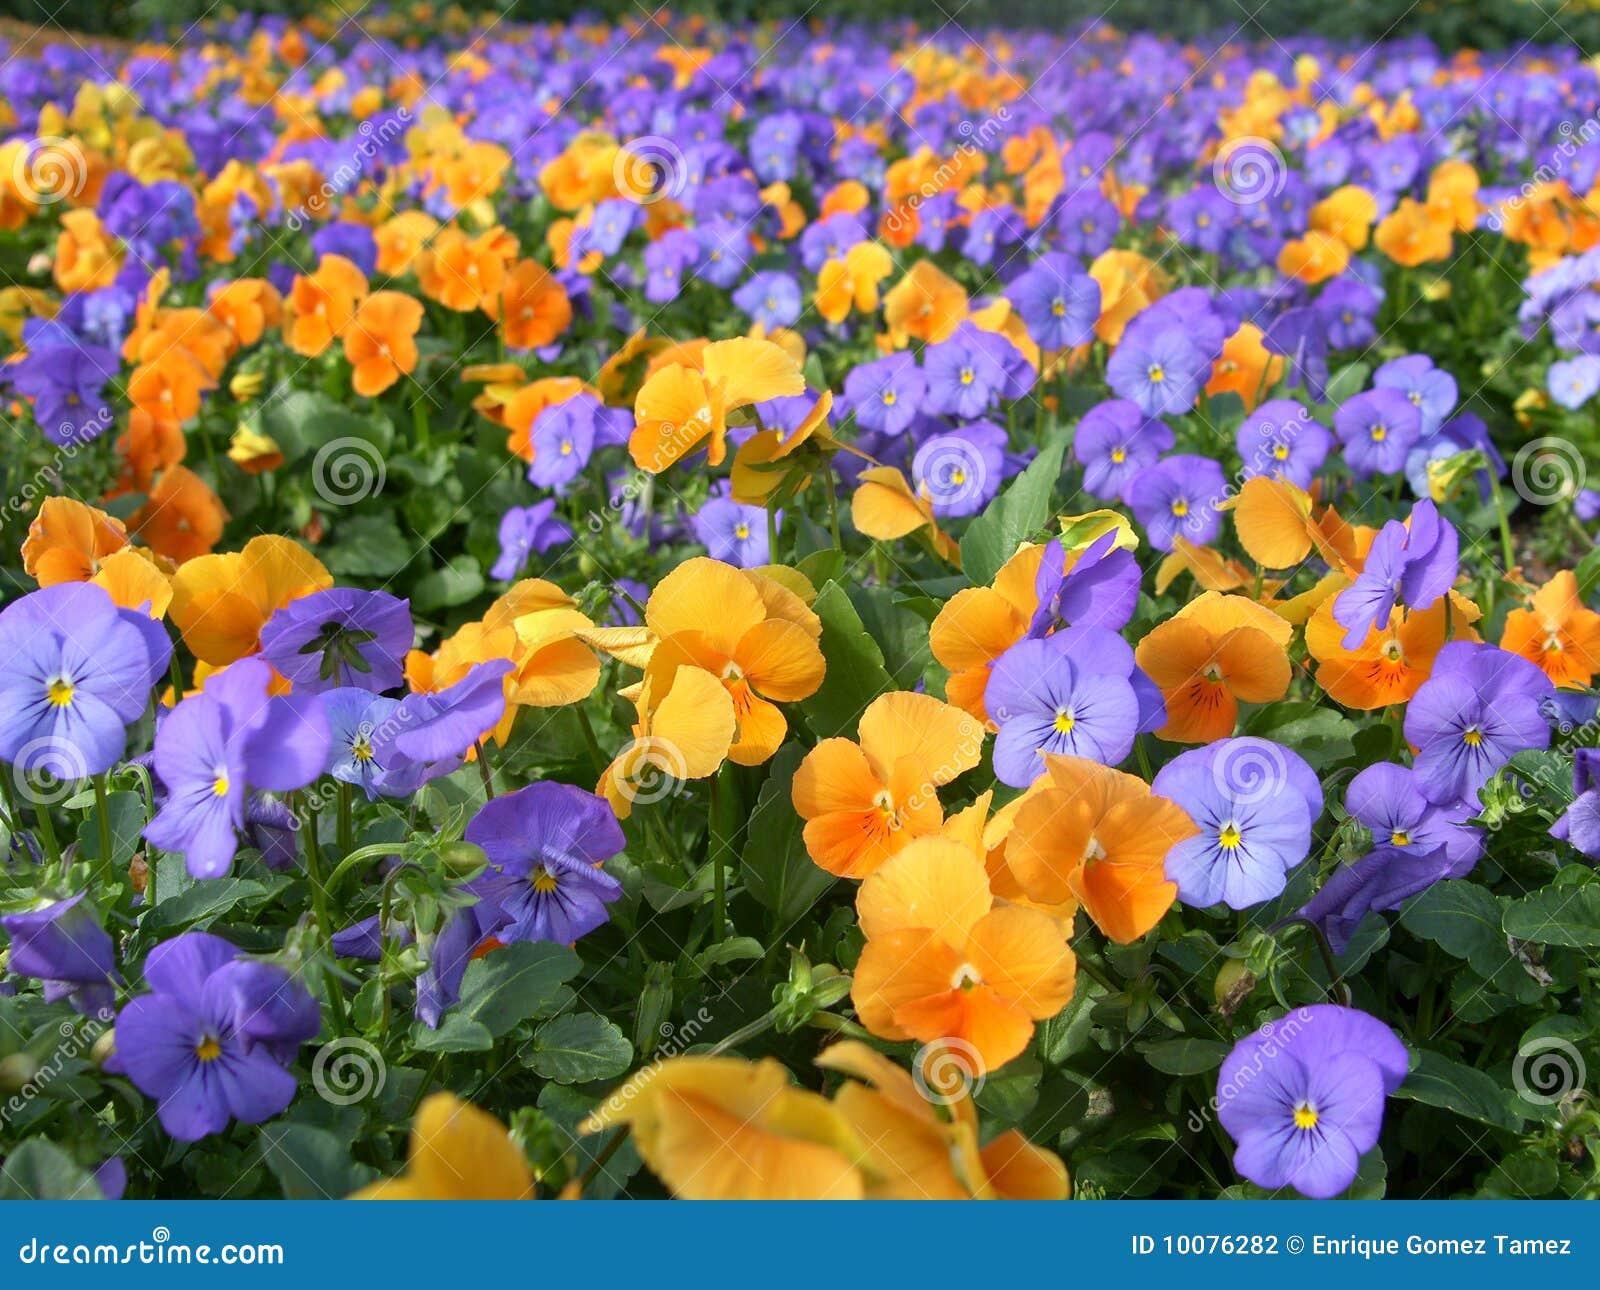 flores coloridas jardim:Flores Coloridas Fotografia de Stock – Imagem: 10076282